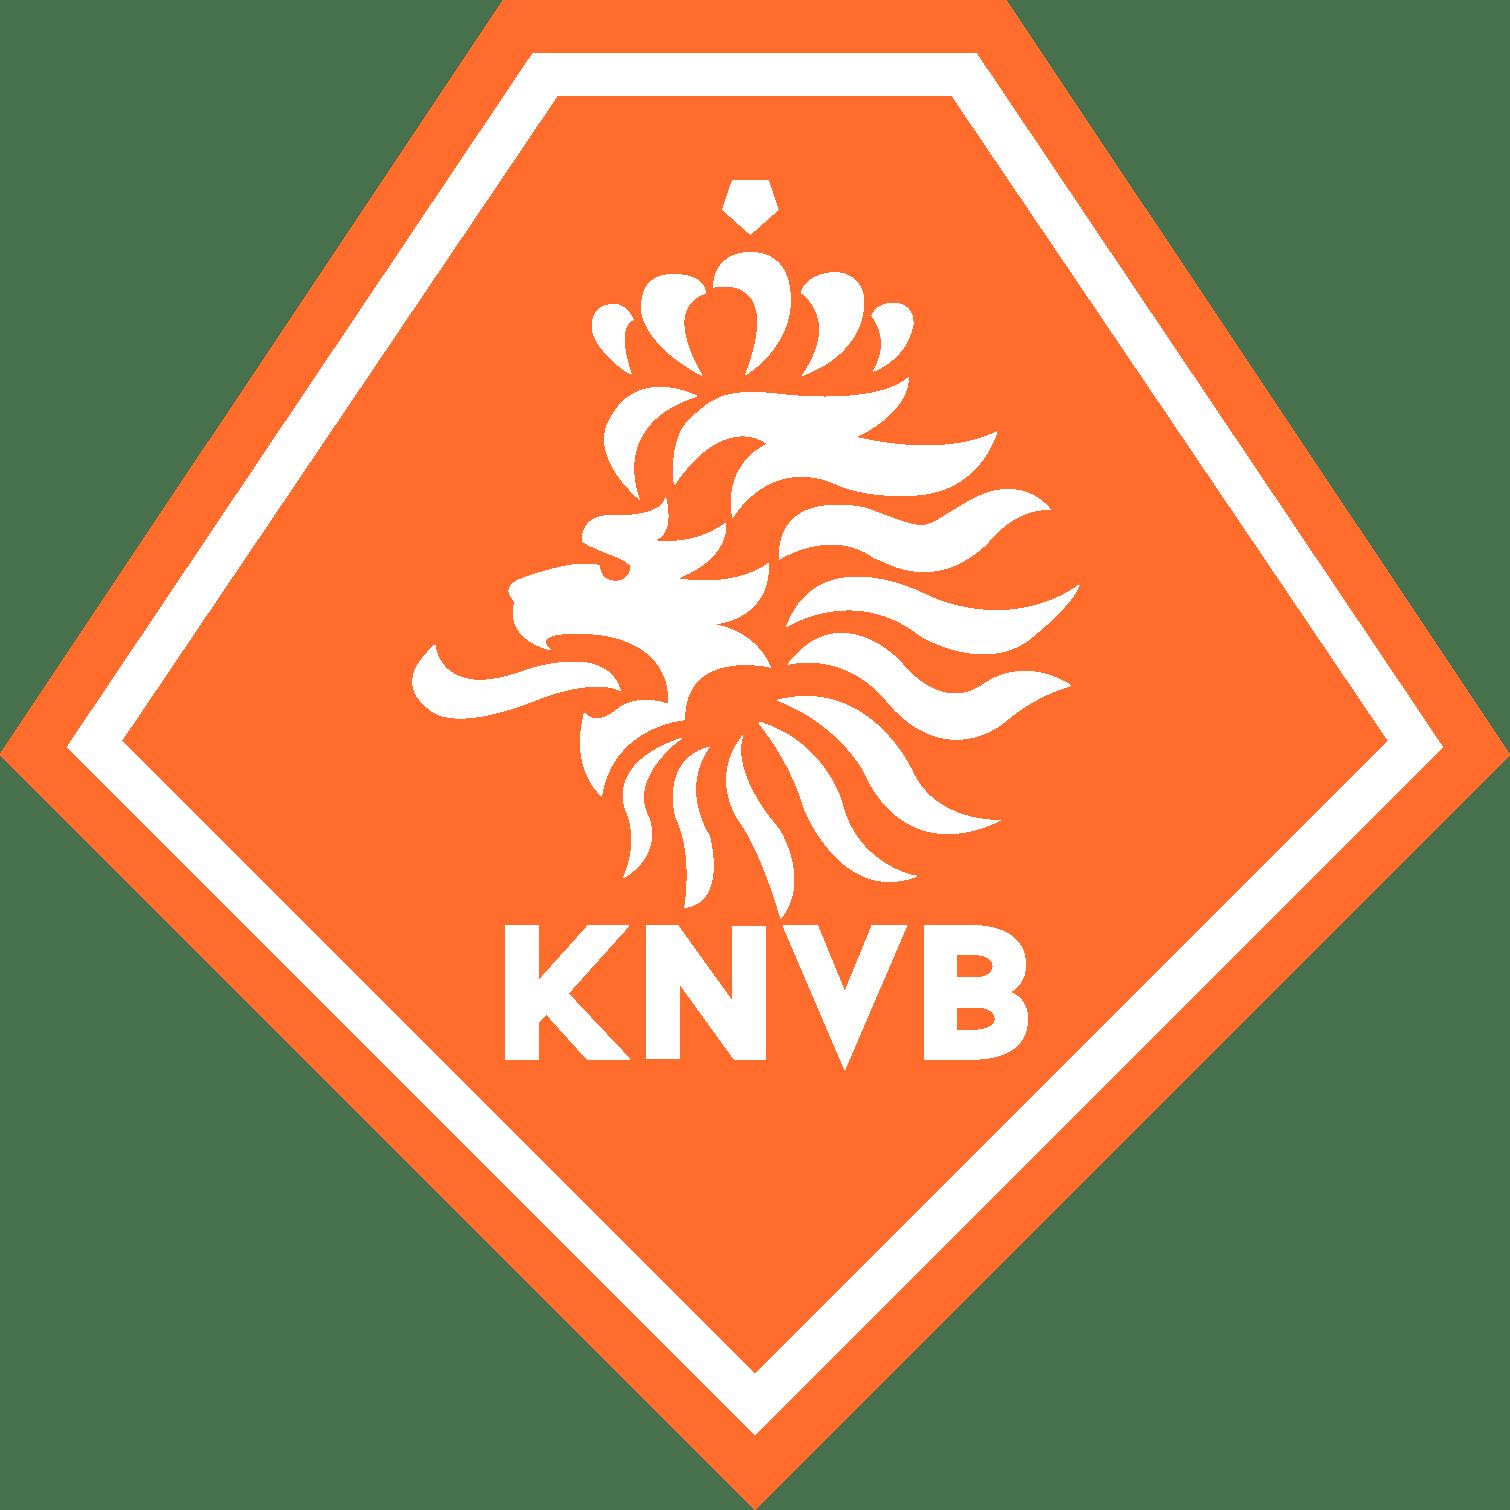 The KNVB, koninklijke nederlandse voetbalbond, dutch federation logo.